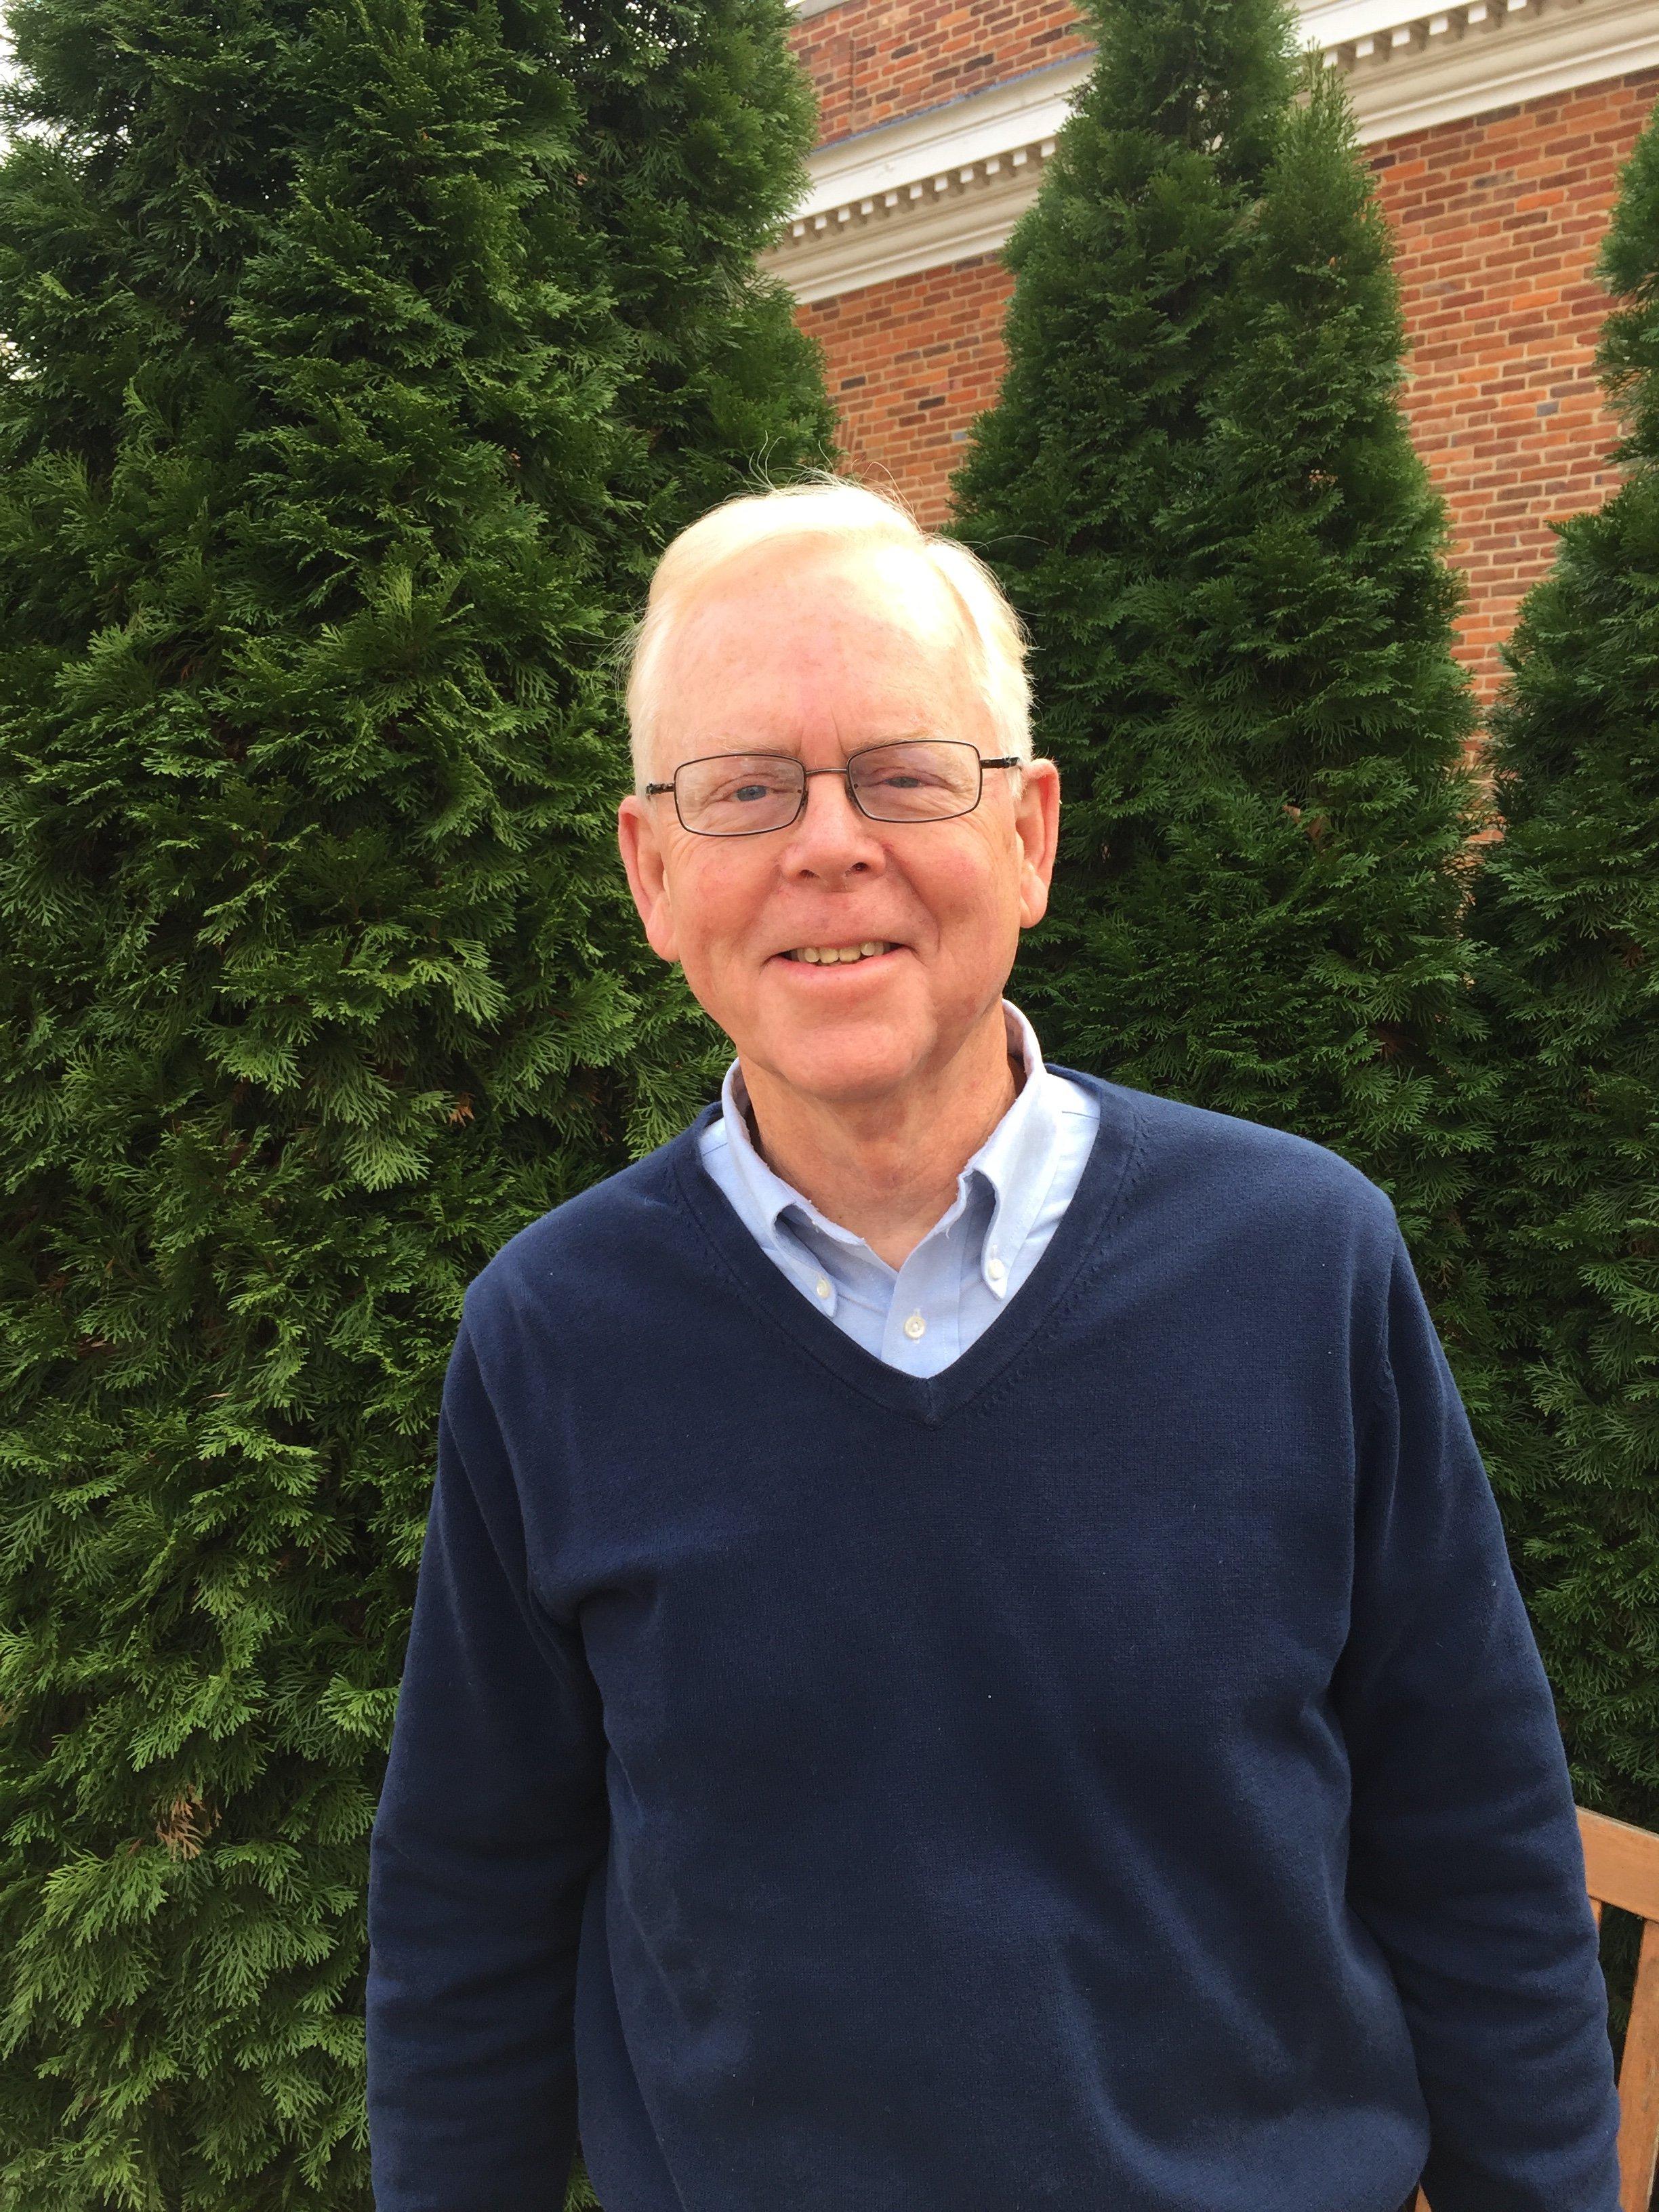 David Presnall, PhD